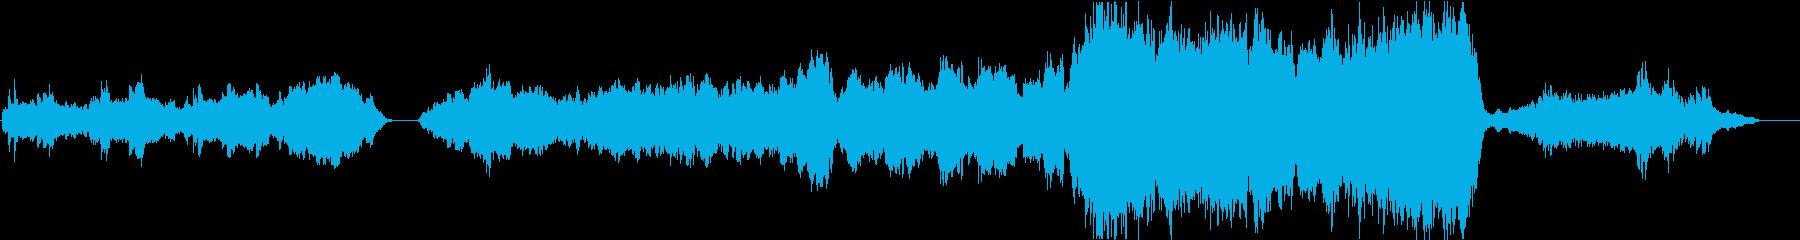 星空を表現したドラマチックオーケストラの再生済みの波形